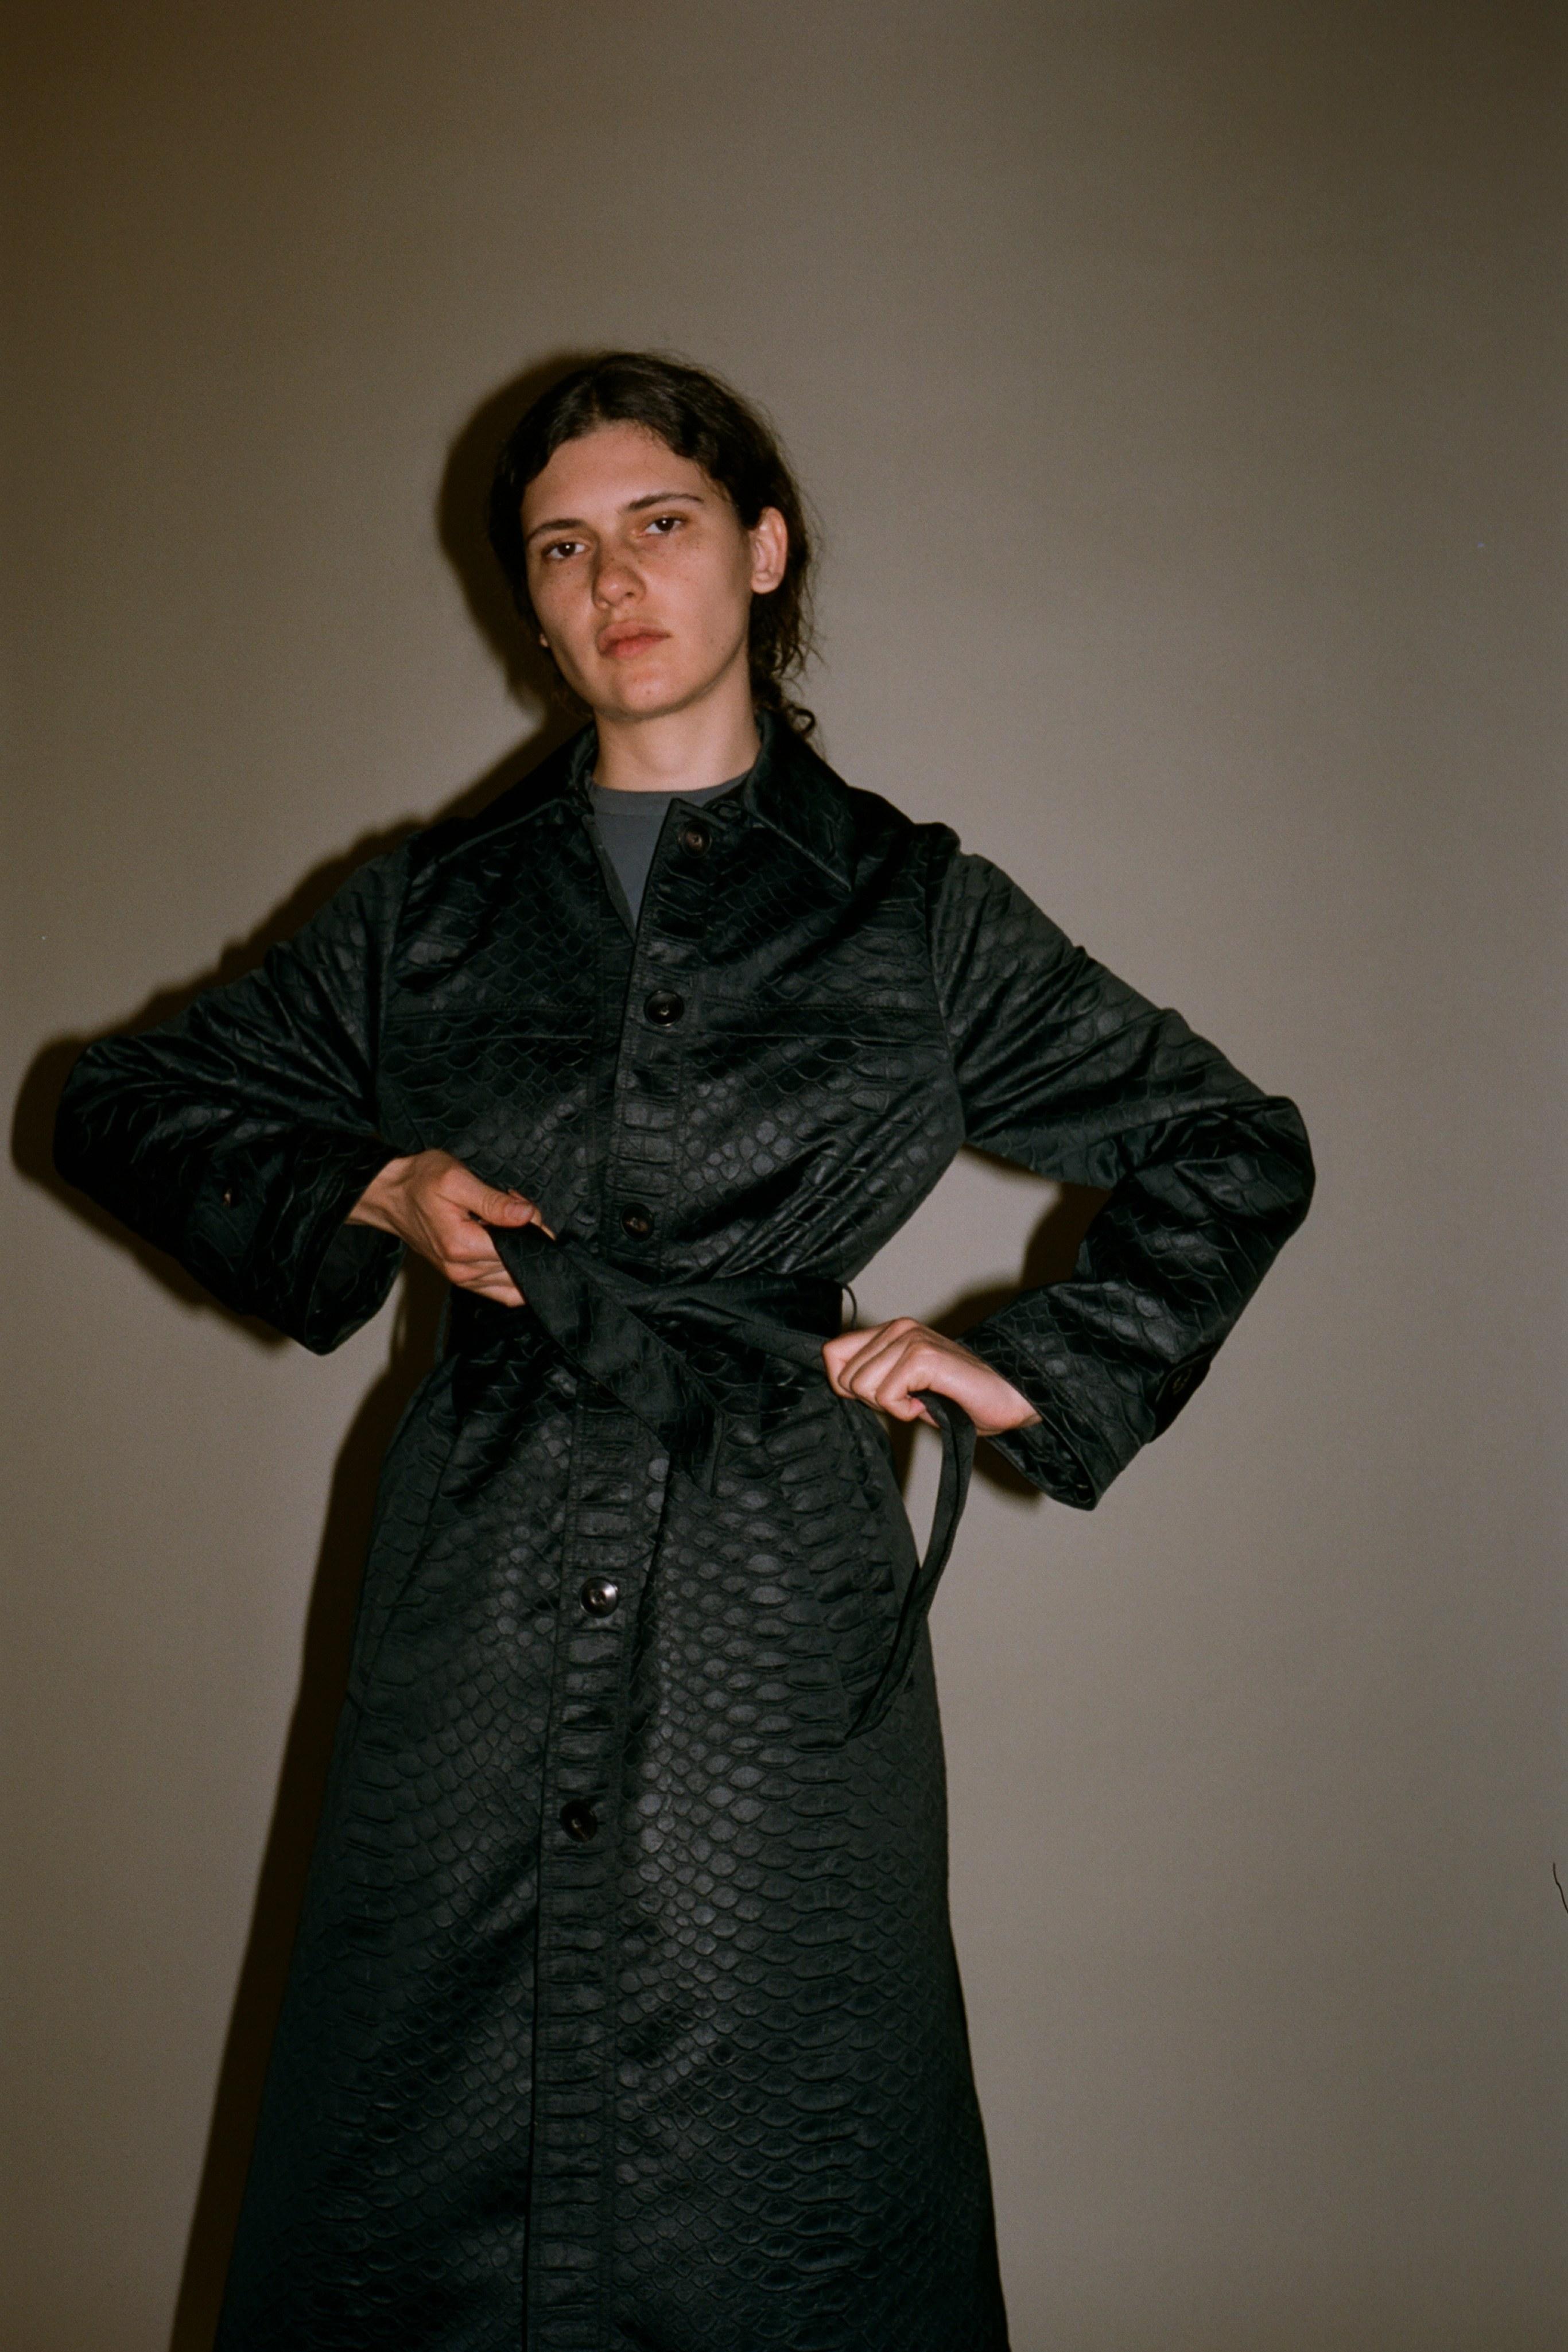 Simon snake trench coat